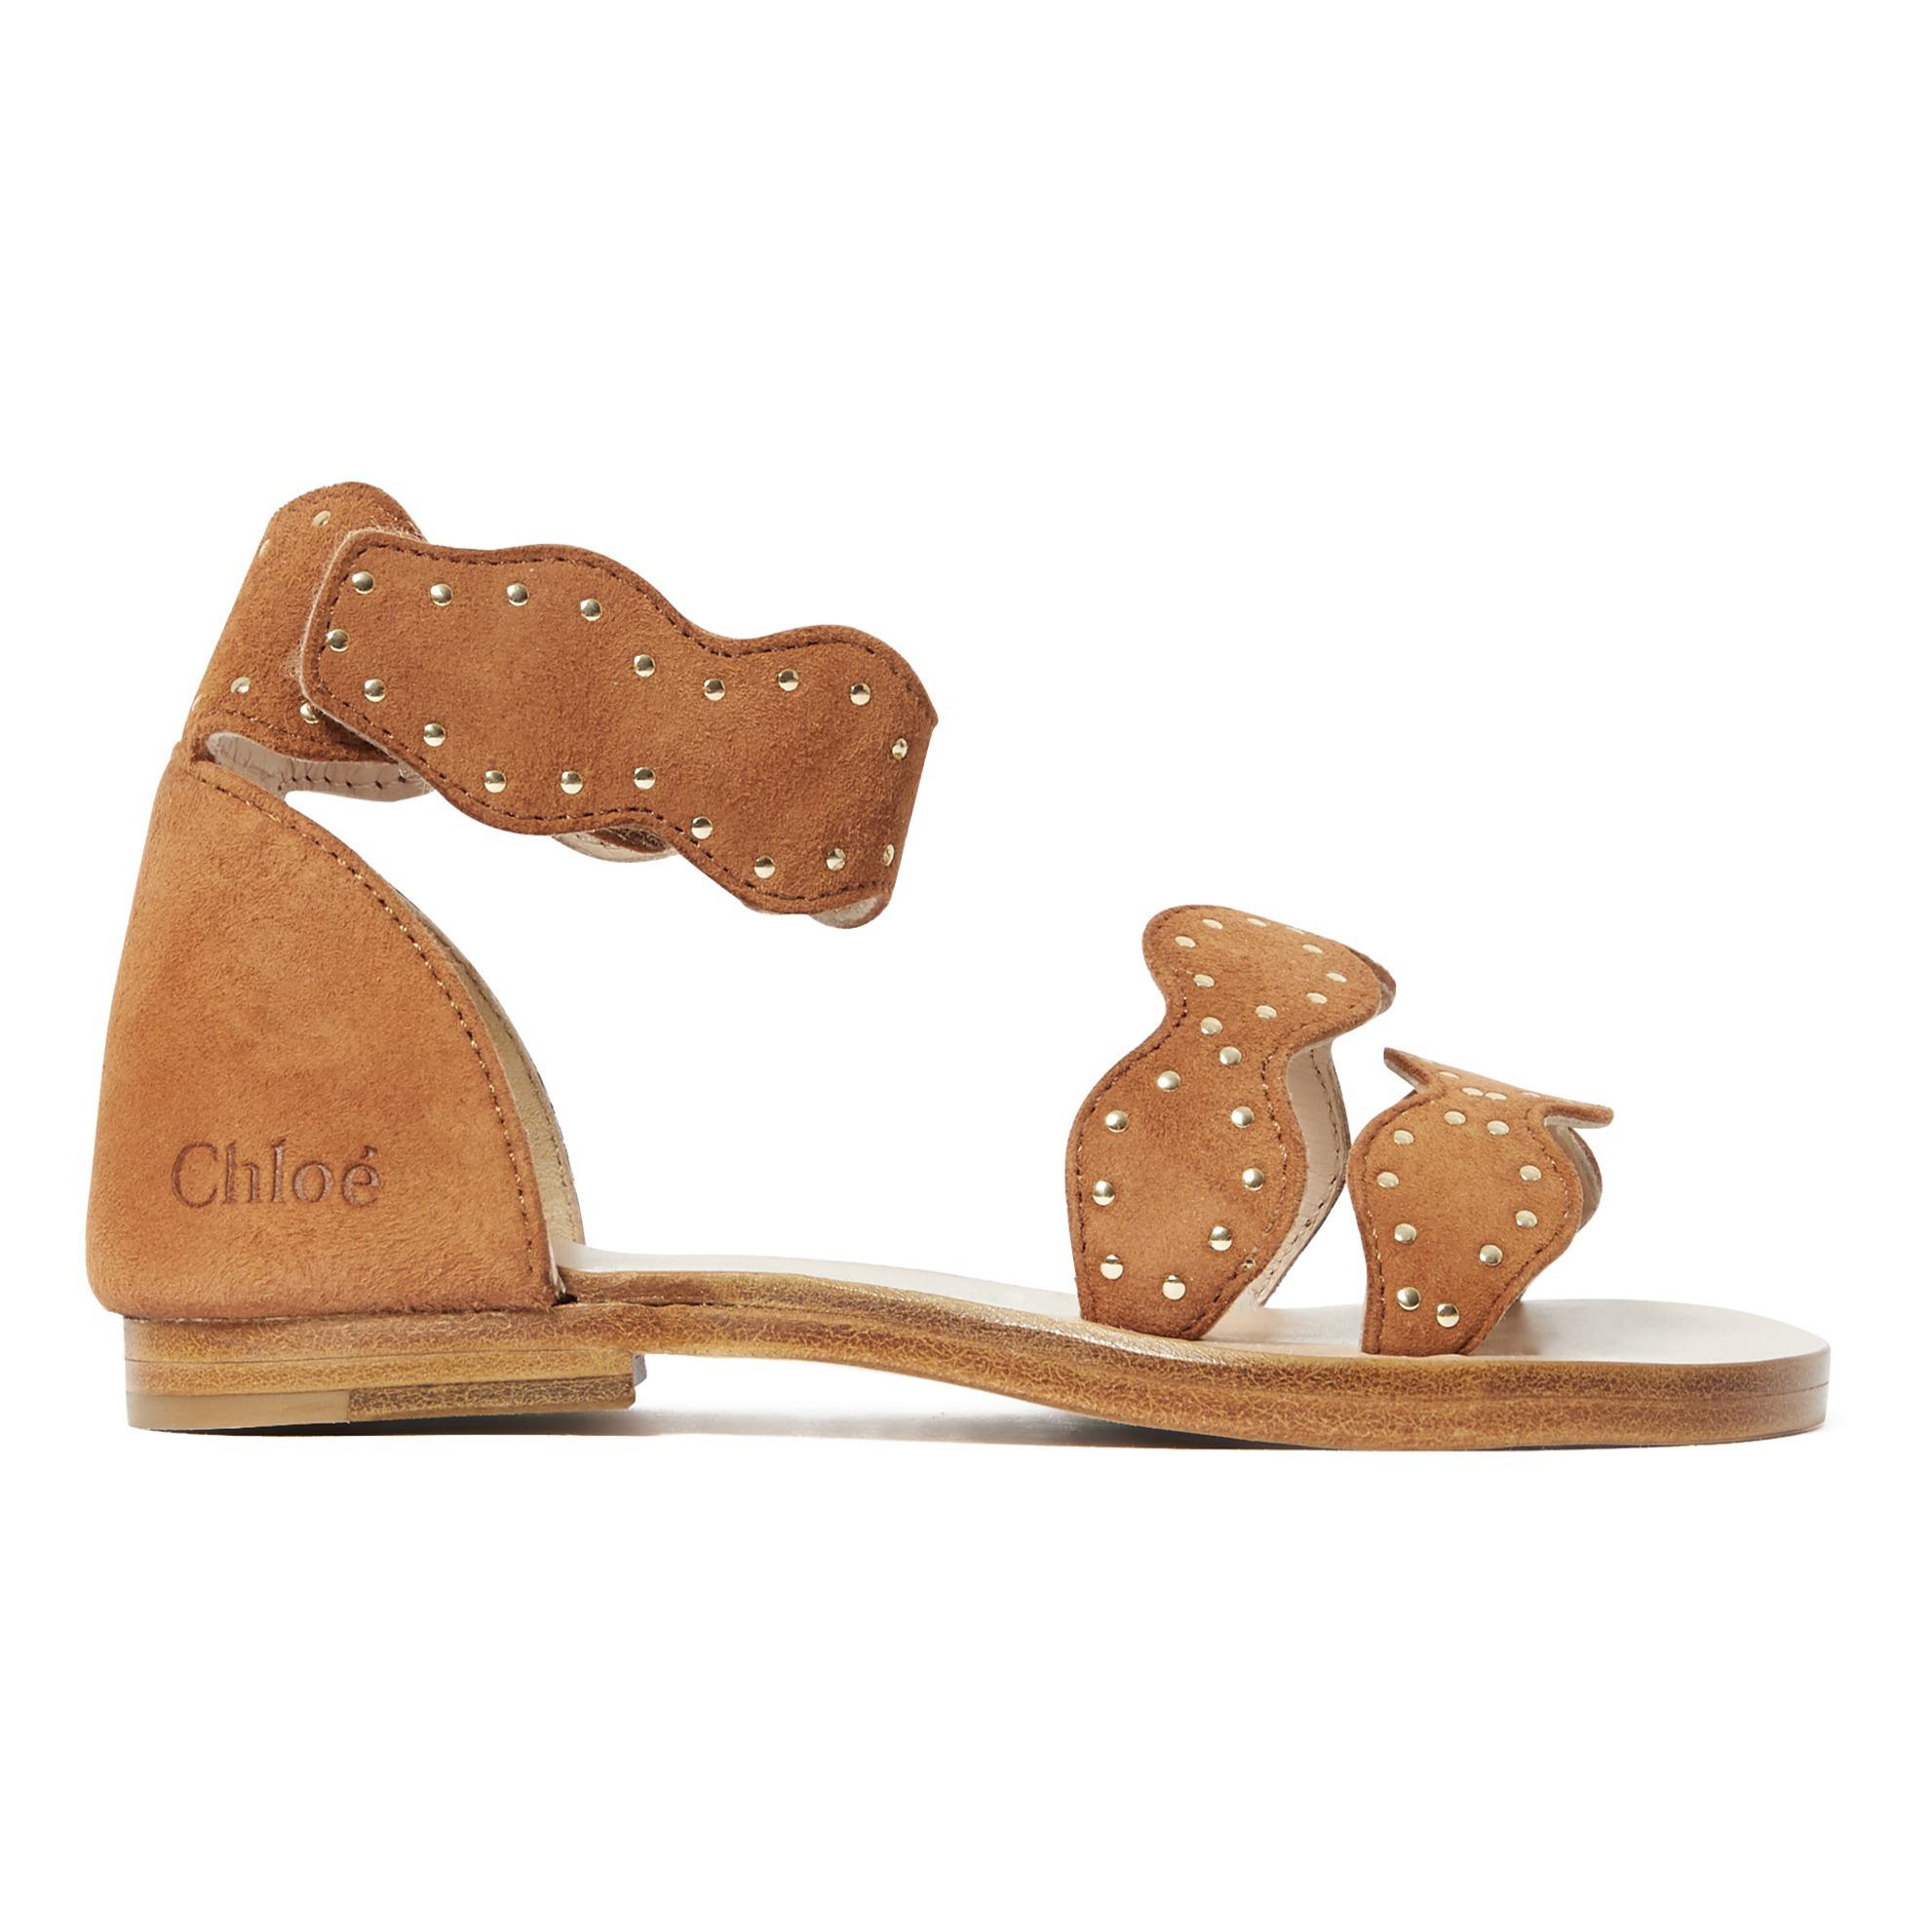 Sandalen von Chloé ss19